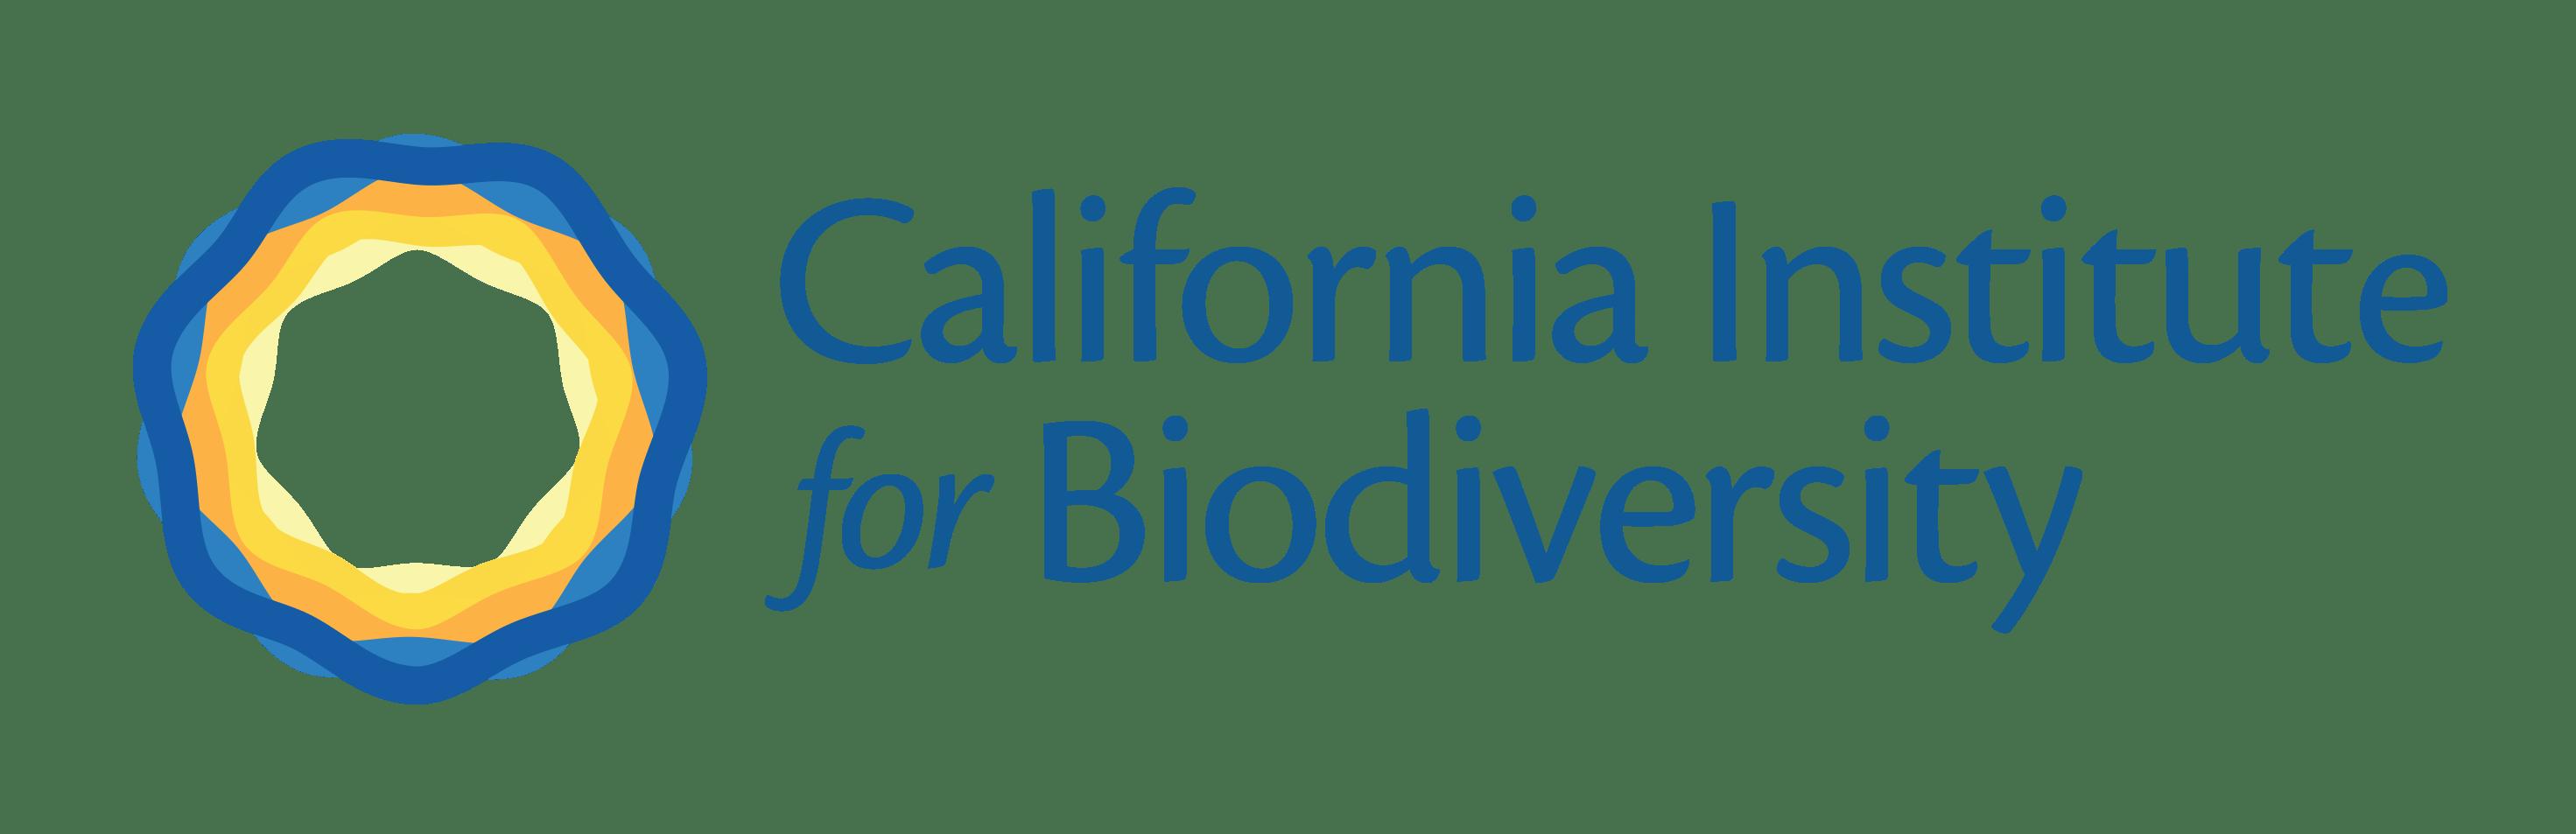 California Institute for Biodiversity